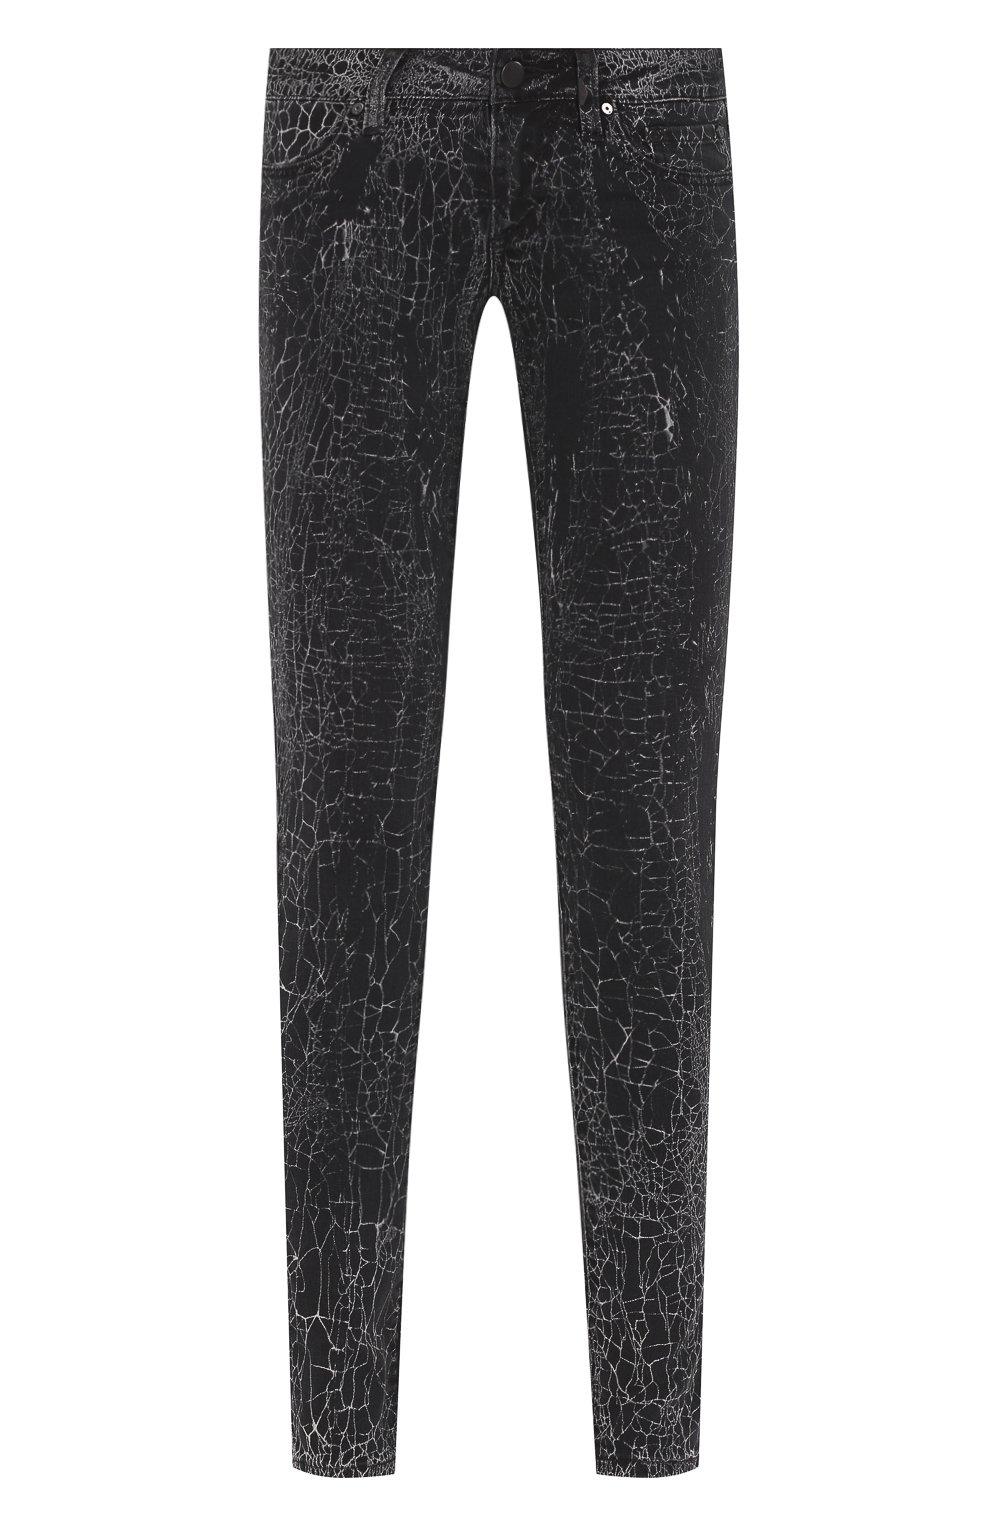 Женские джинсы black label HARLEY-DAVIDSON черного цвета, арт. 96373-16VW   Фото 1